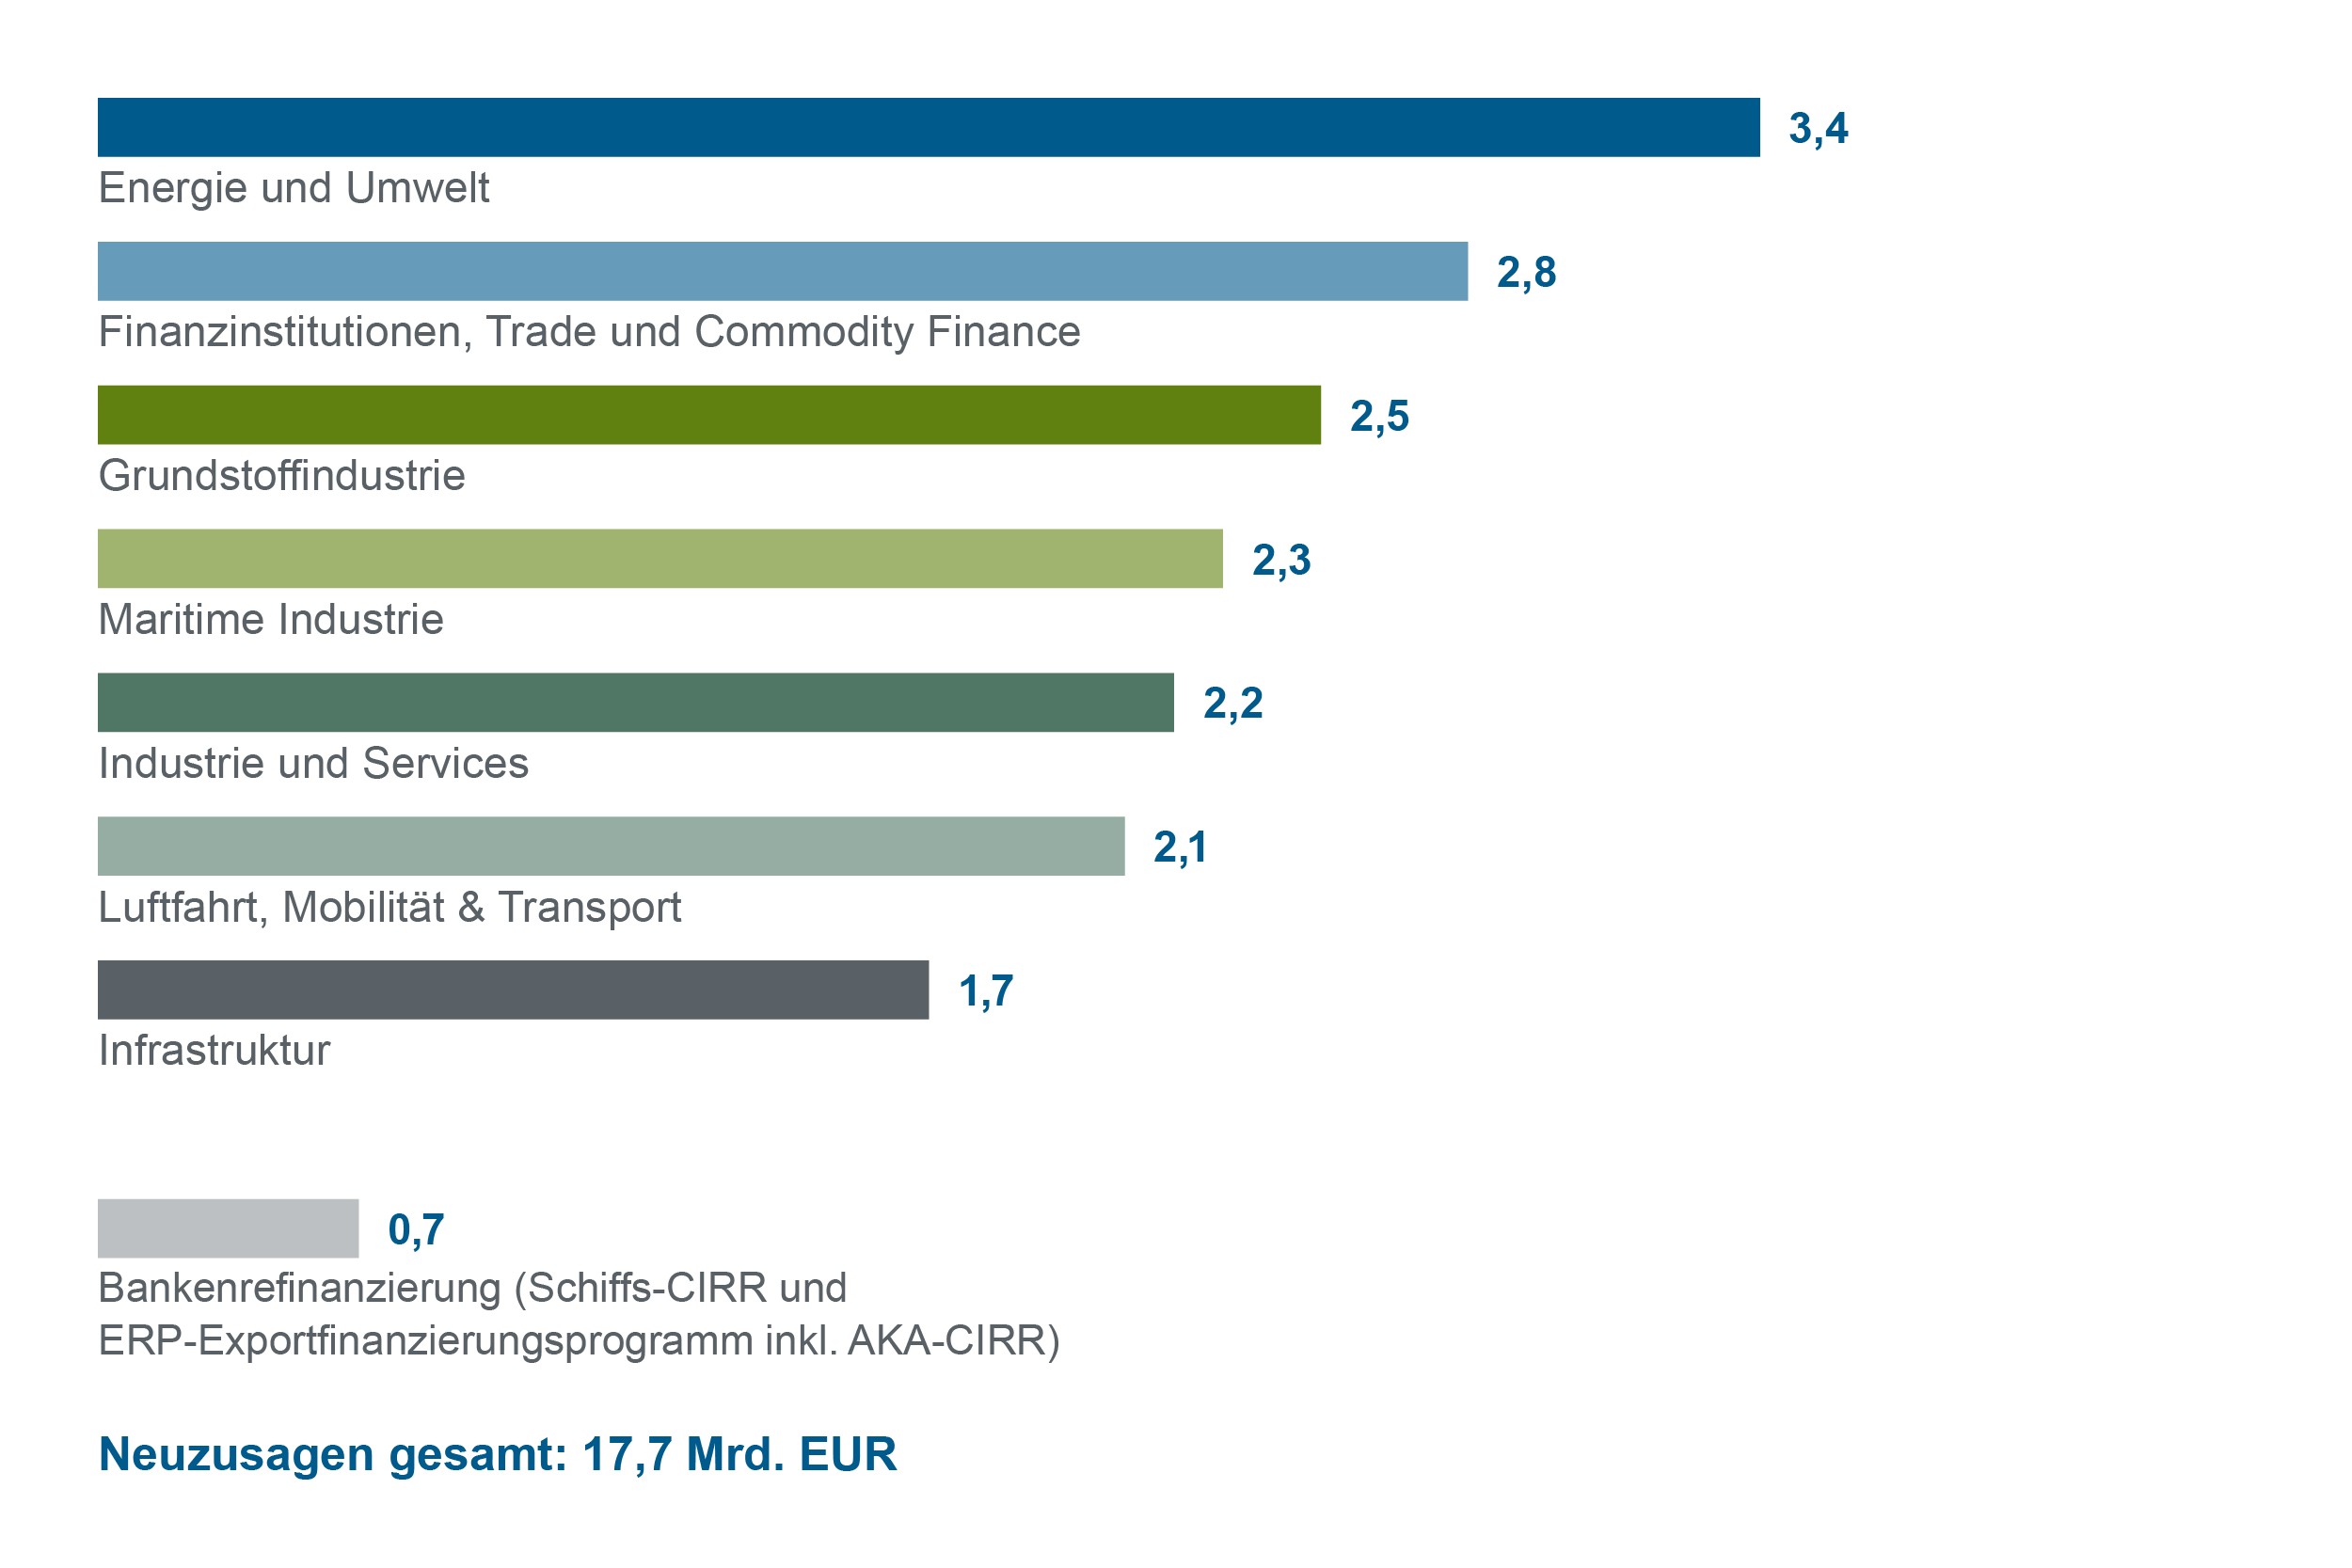 Grafische Darstellung Balkendiagramm Neuzusagen nach Geschäftssparten 2018